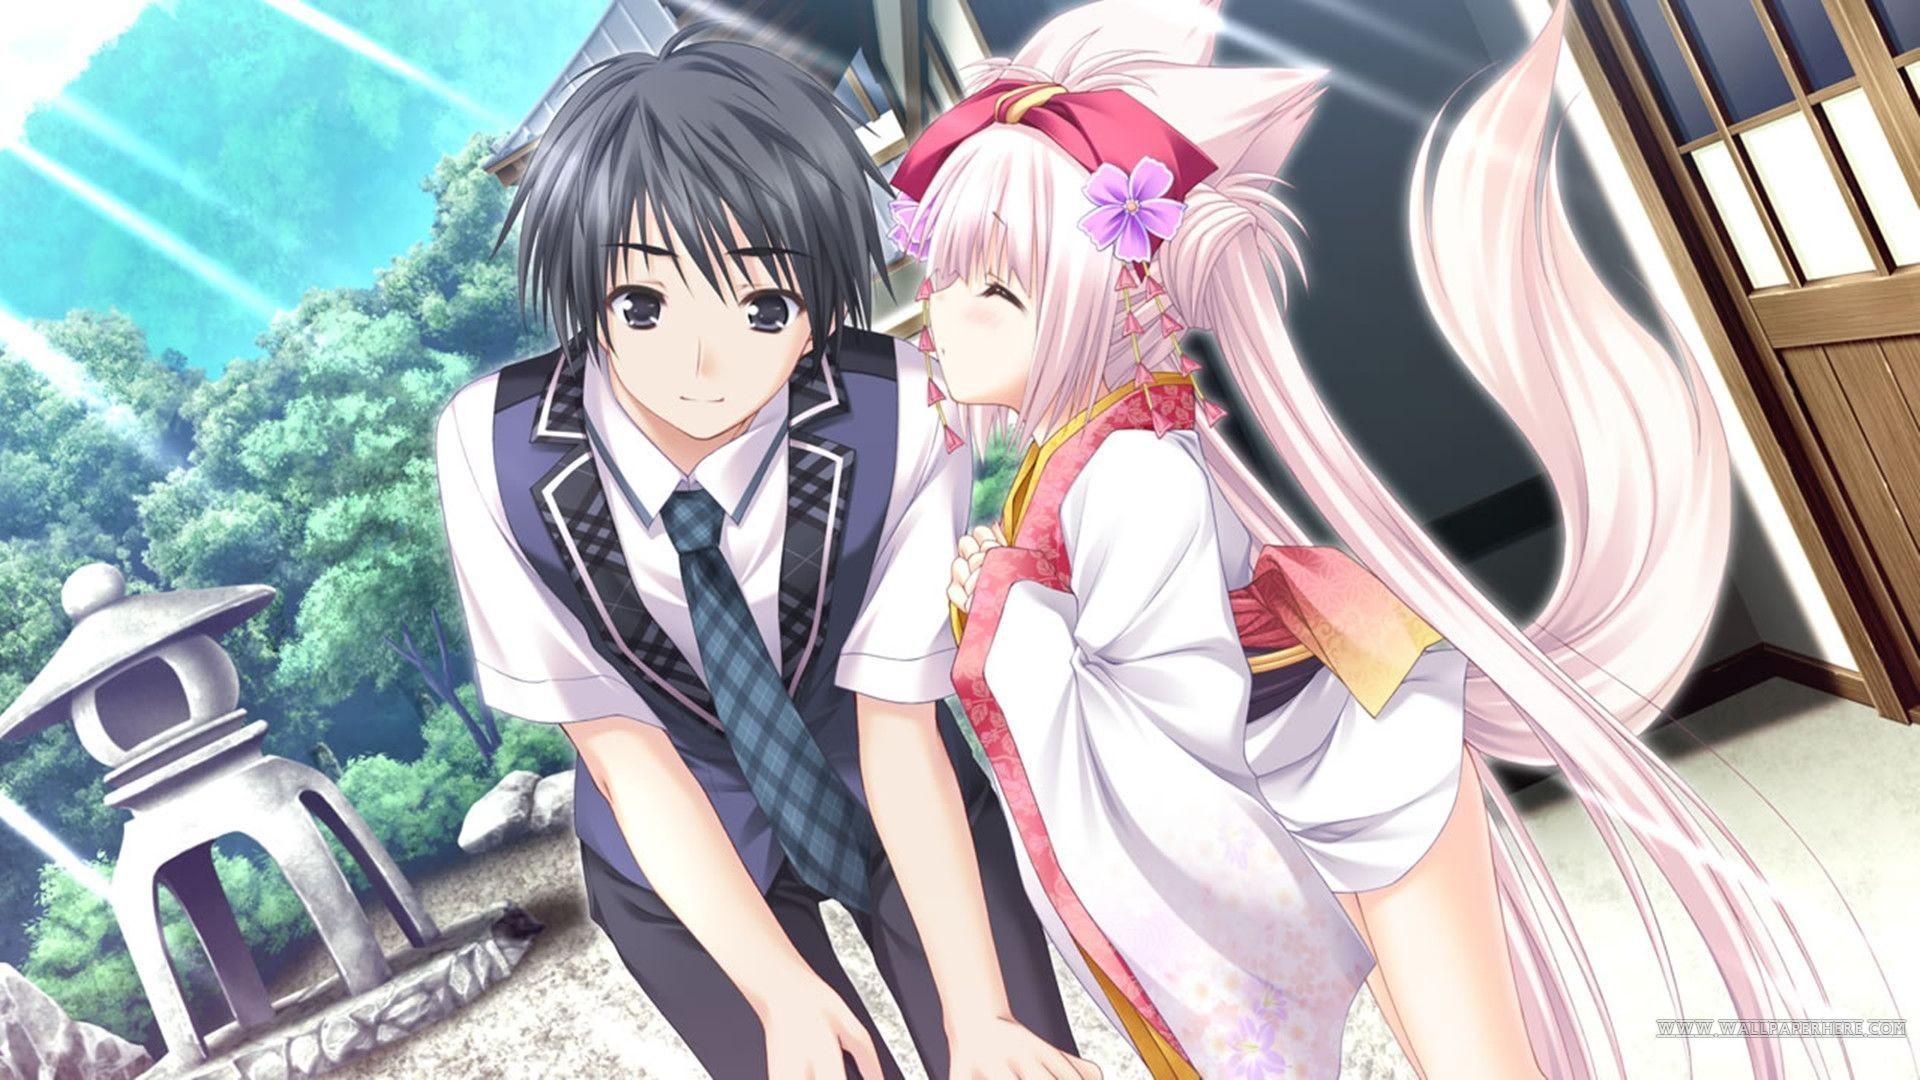 Kawaii Anime Wallpaper 70 Images